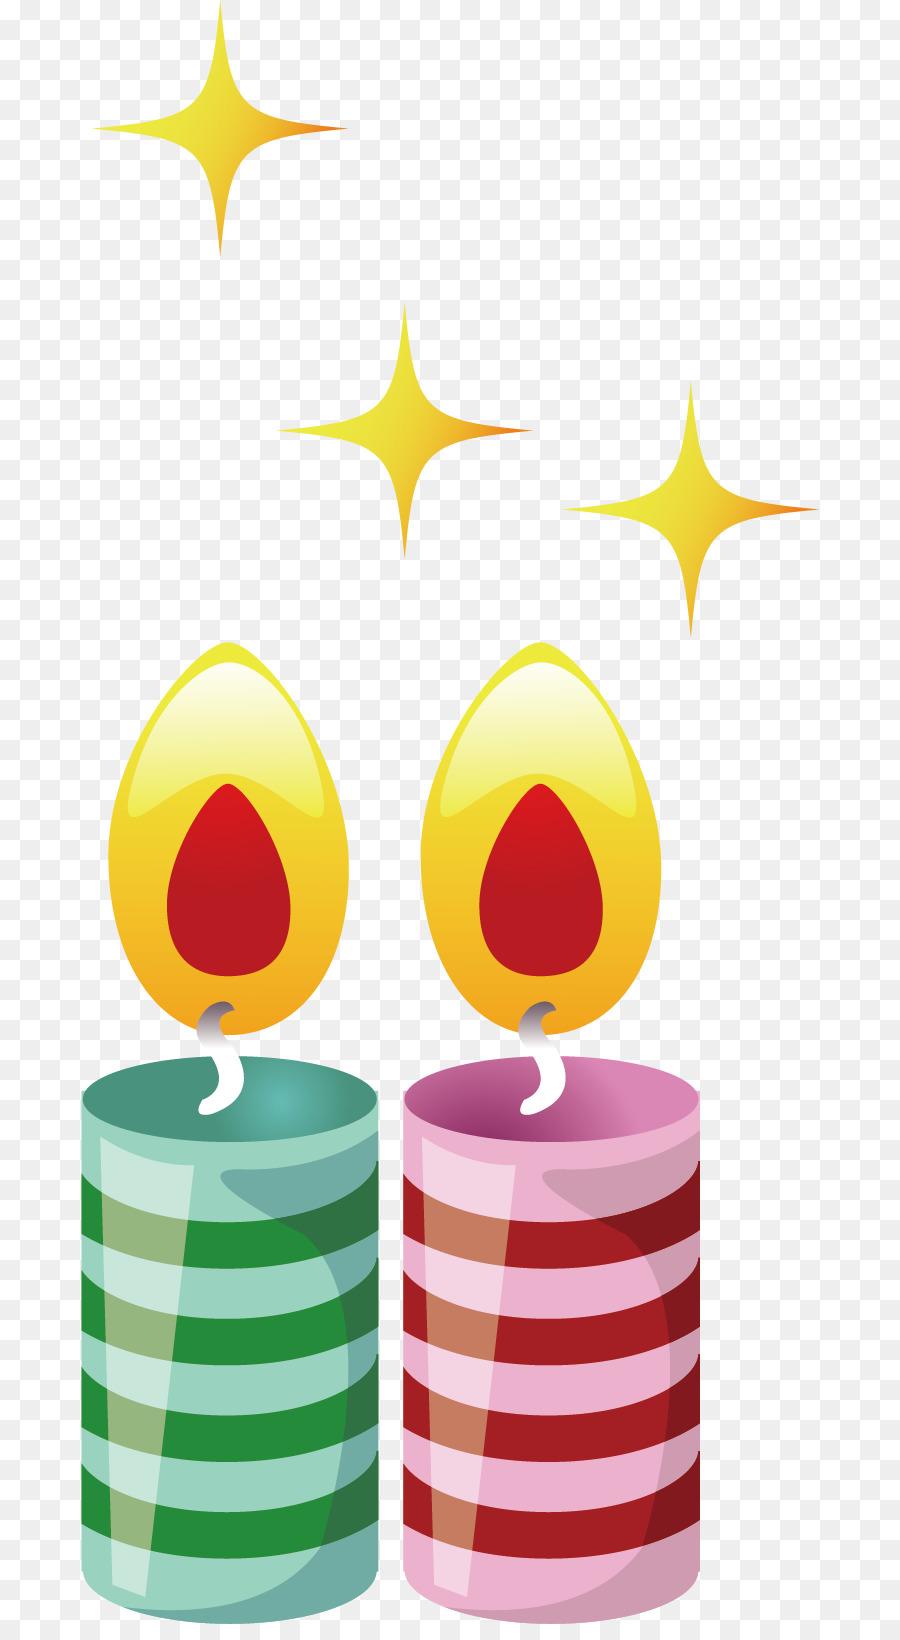 Descarga gratuita de Pastel De Cumpleaños, Cumpleaños, Pastel Imágen de Png